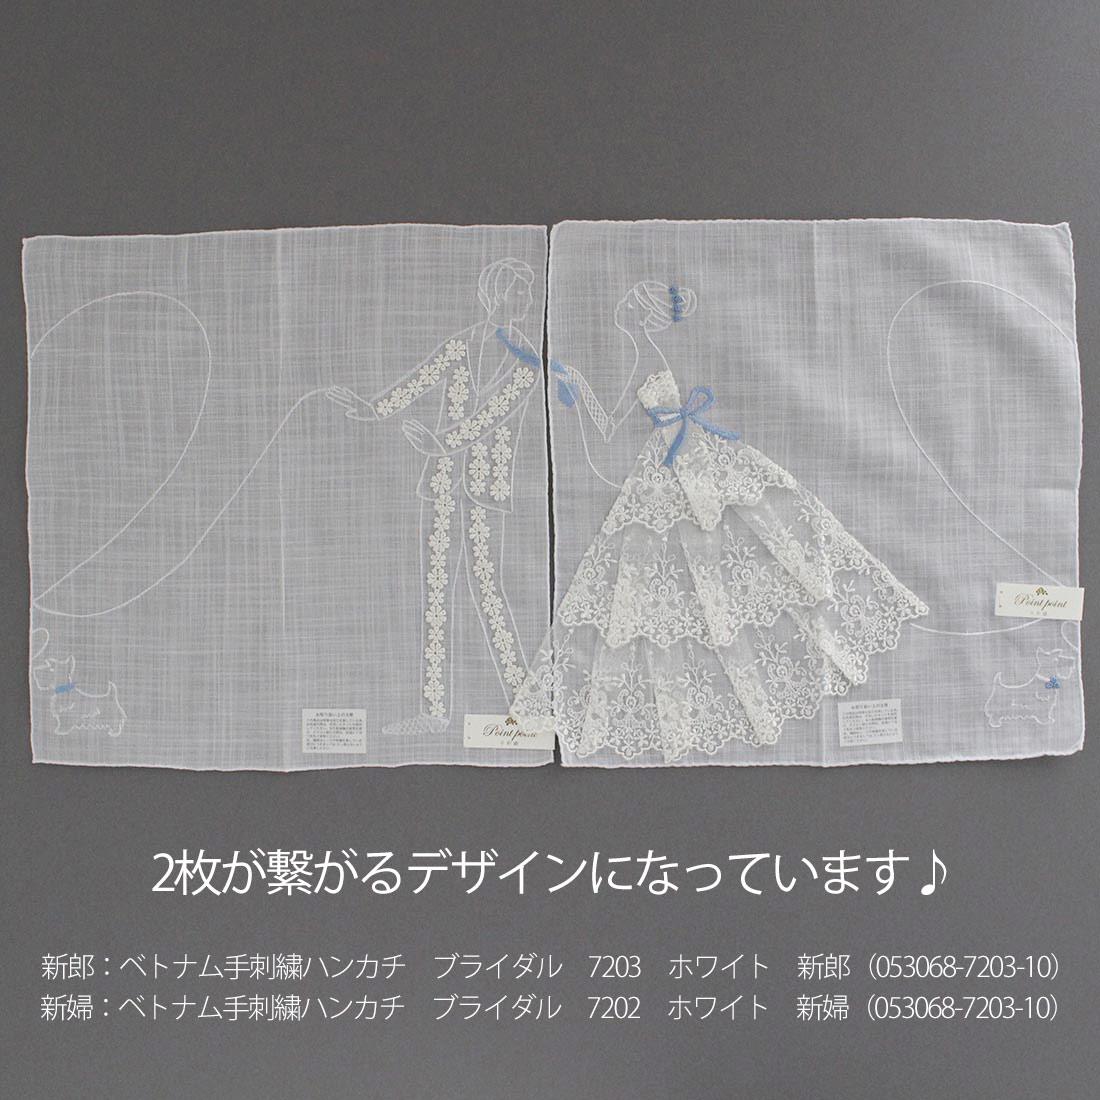 ベトナム手刺繍ハンカチ ブライダル 7203 ホワイト 新郎